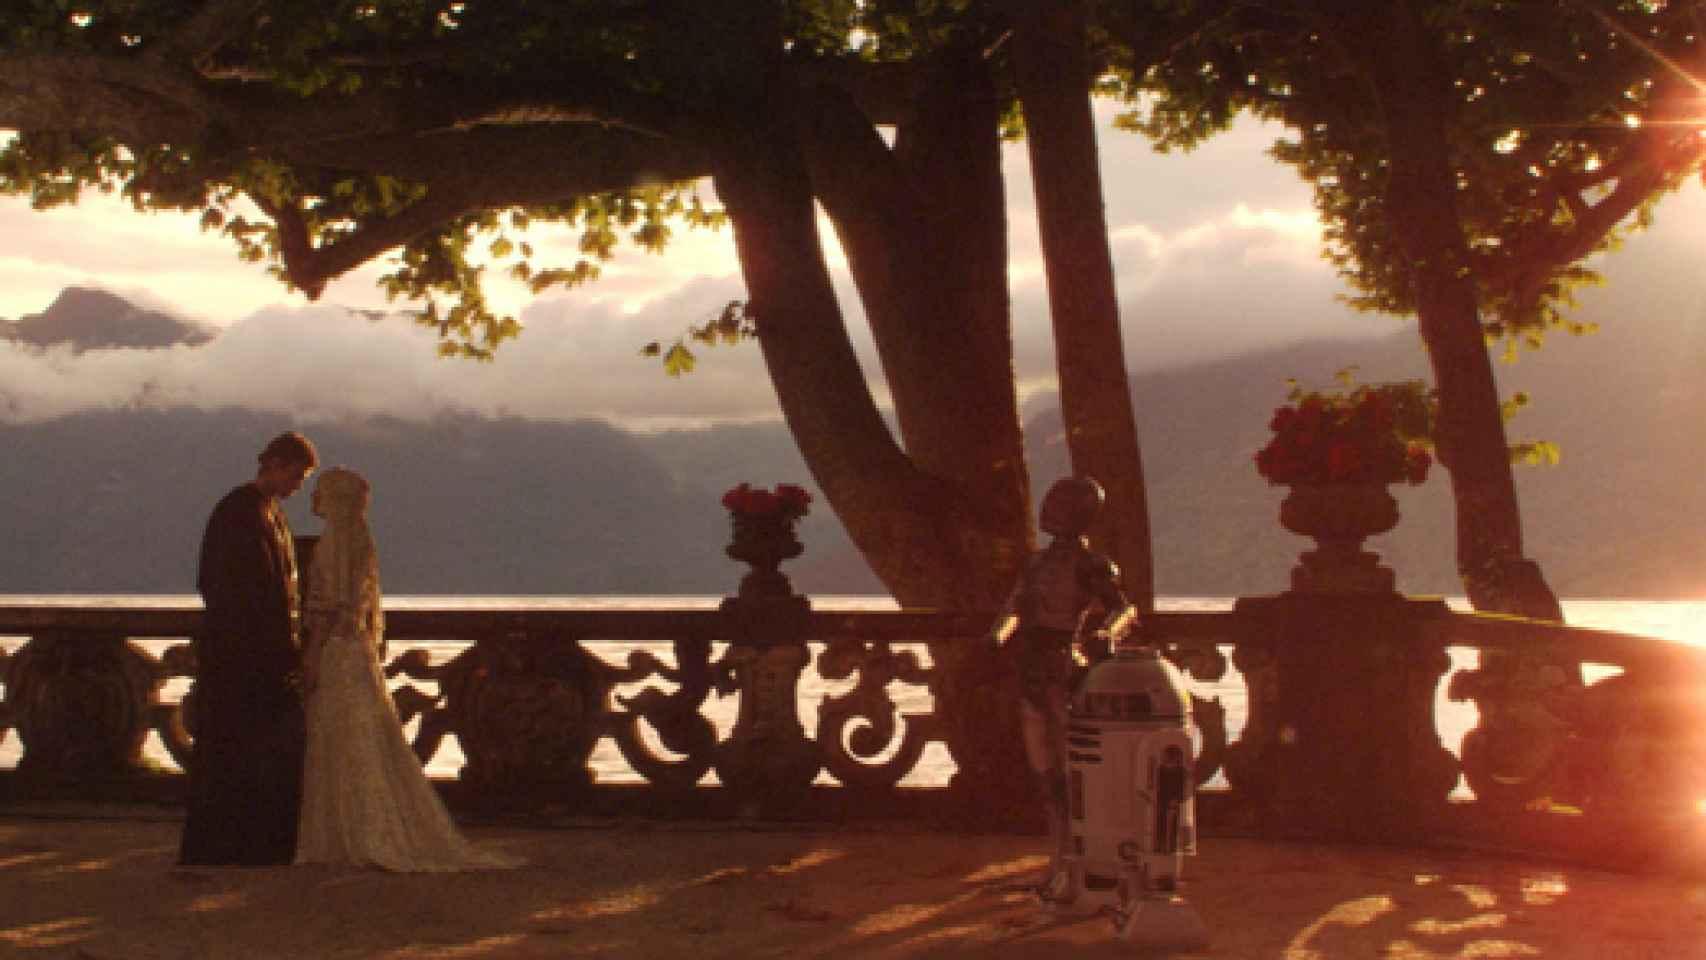 Escena de la saga Star Wars, rodada en una terraza de la Villa del Balbianello.